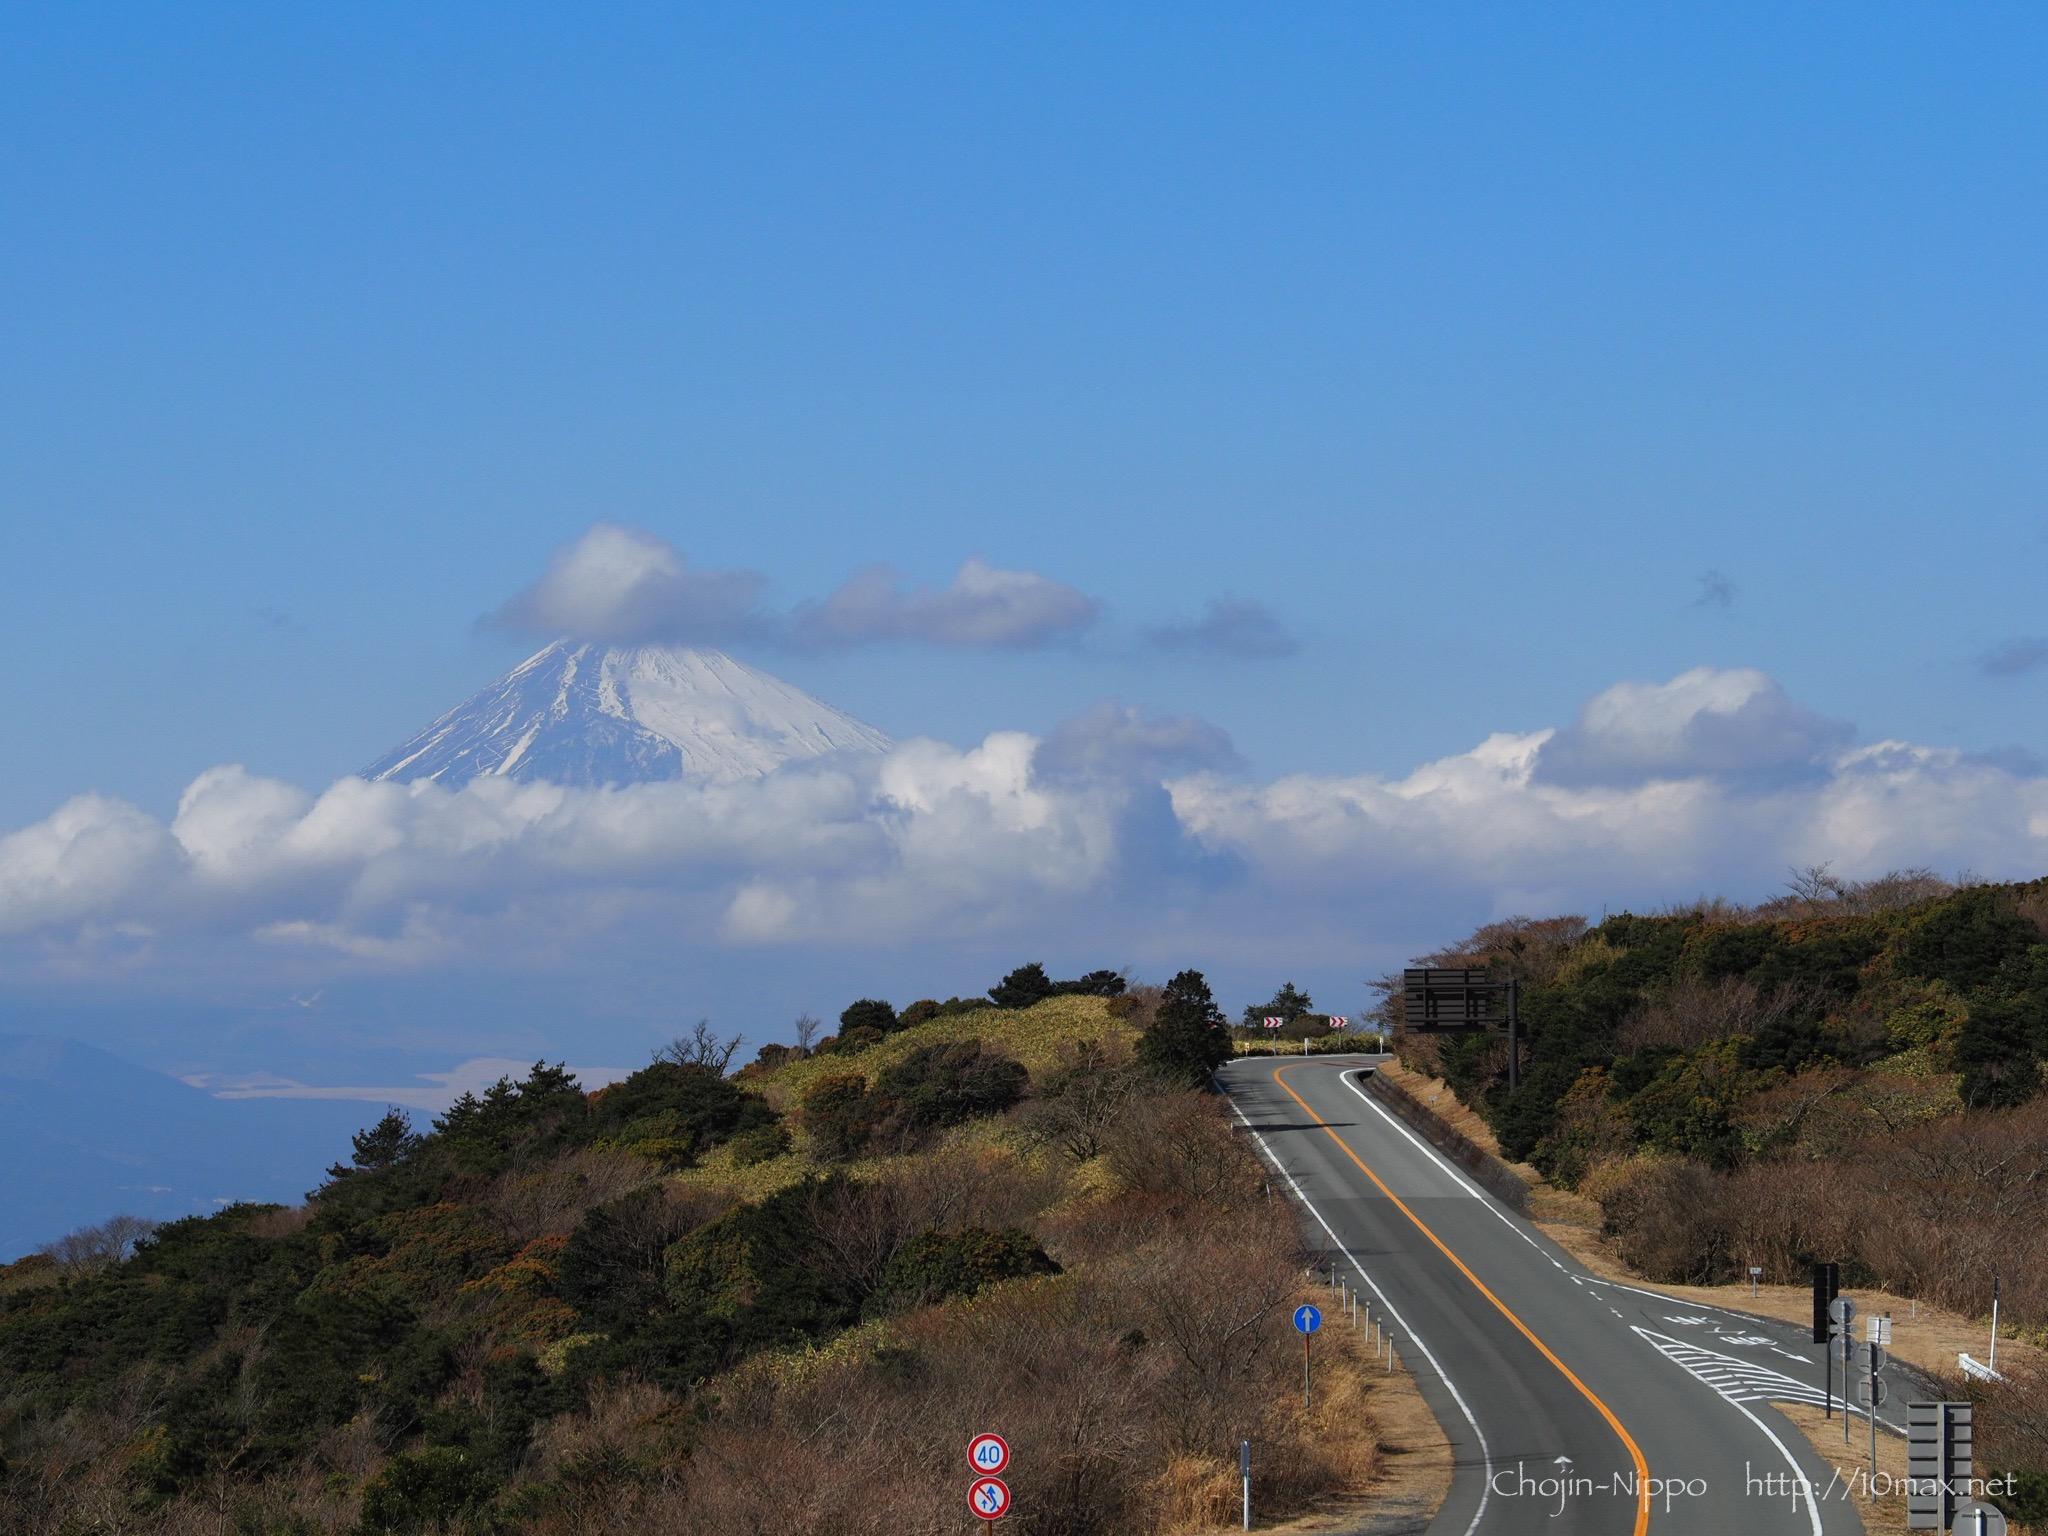 伊豆スカイライン 富士山 玄岳IC